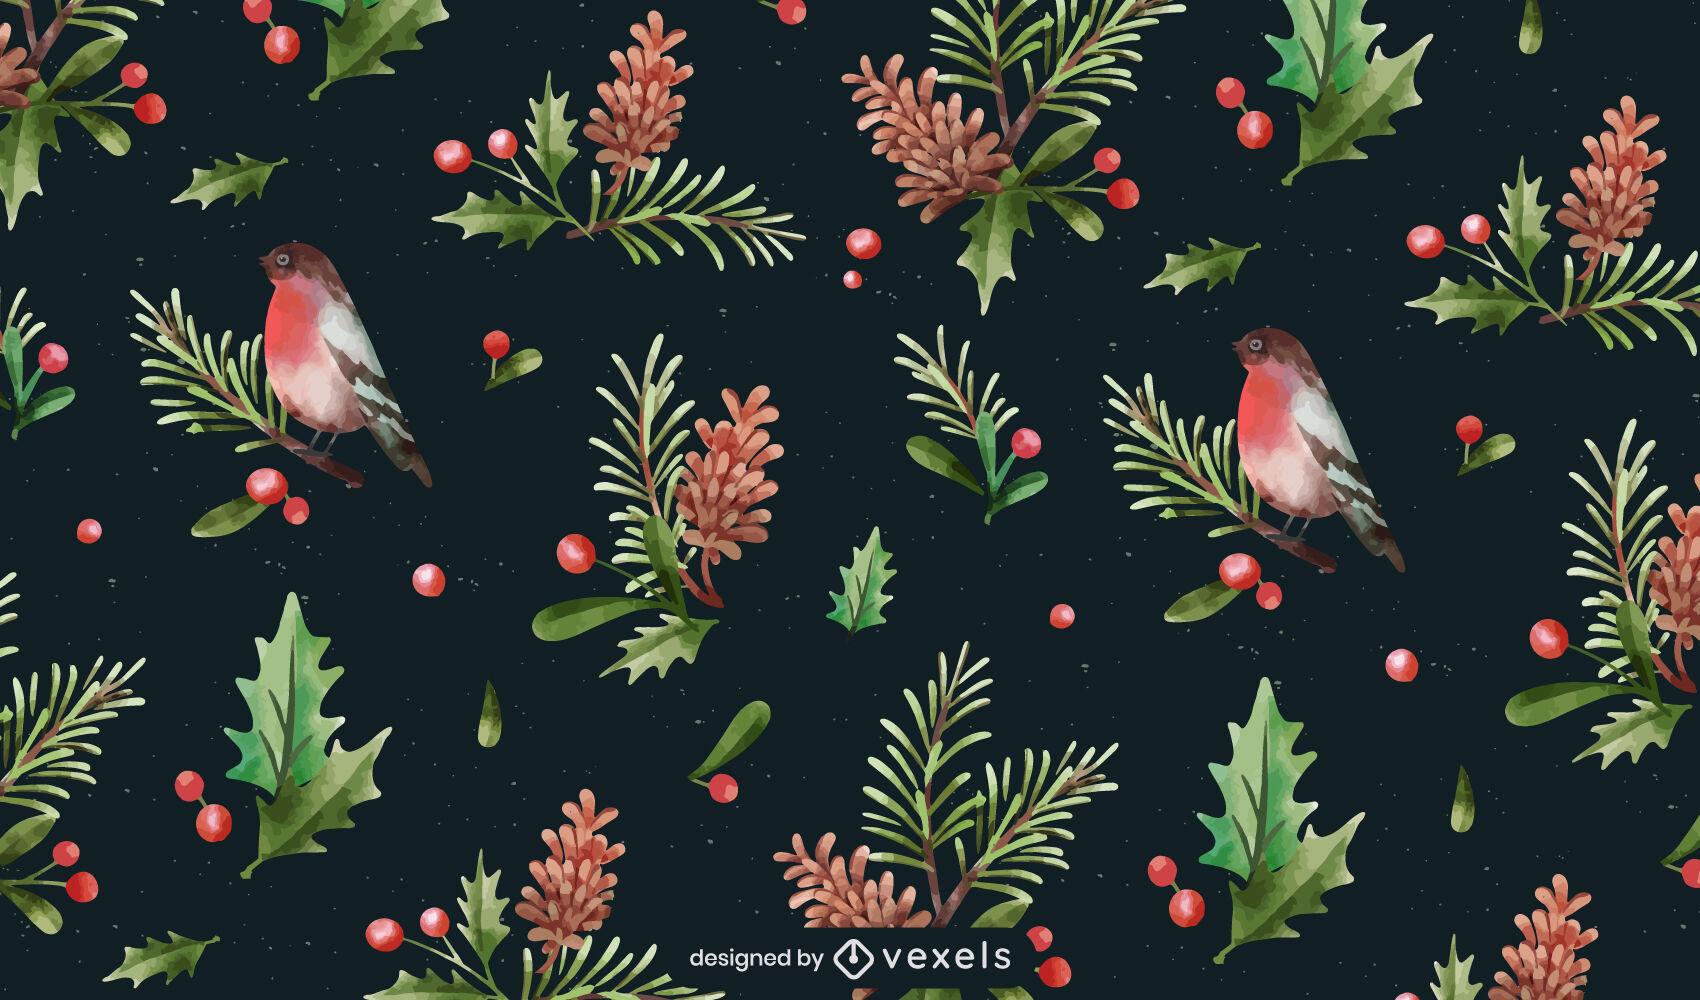 Mistletoe plants watercolor pattern design